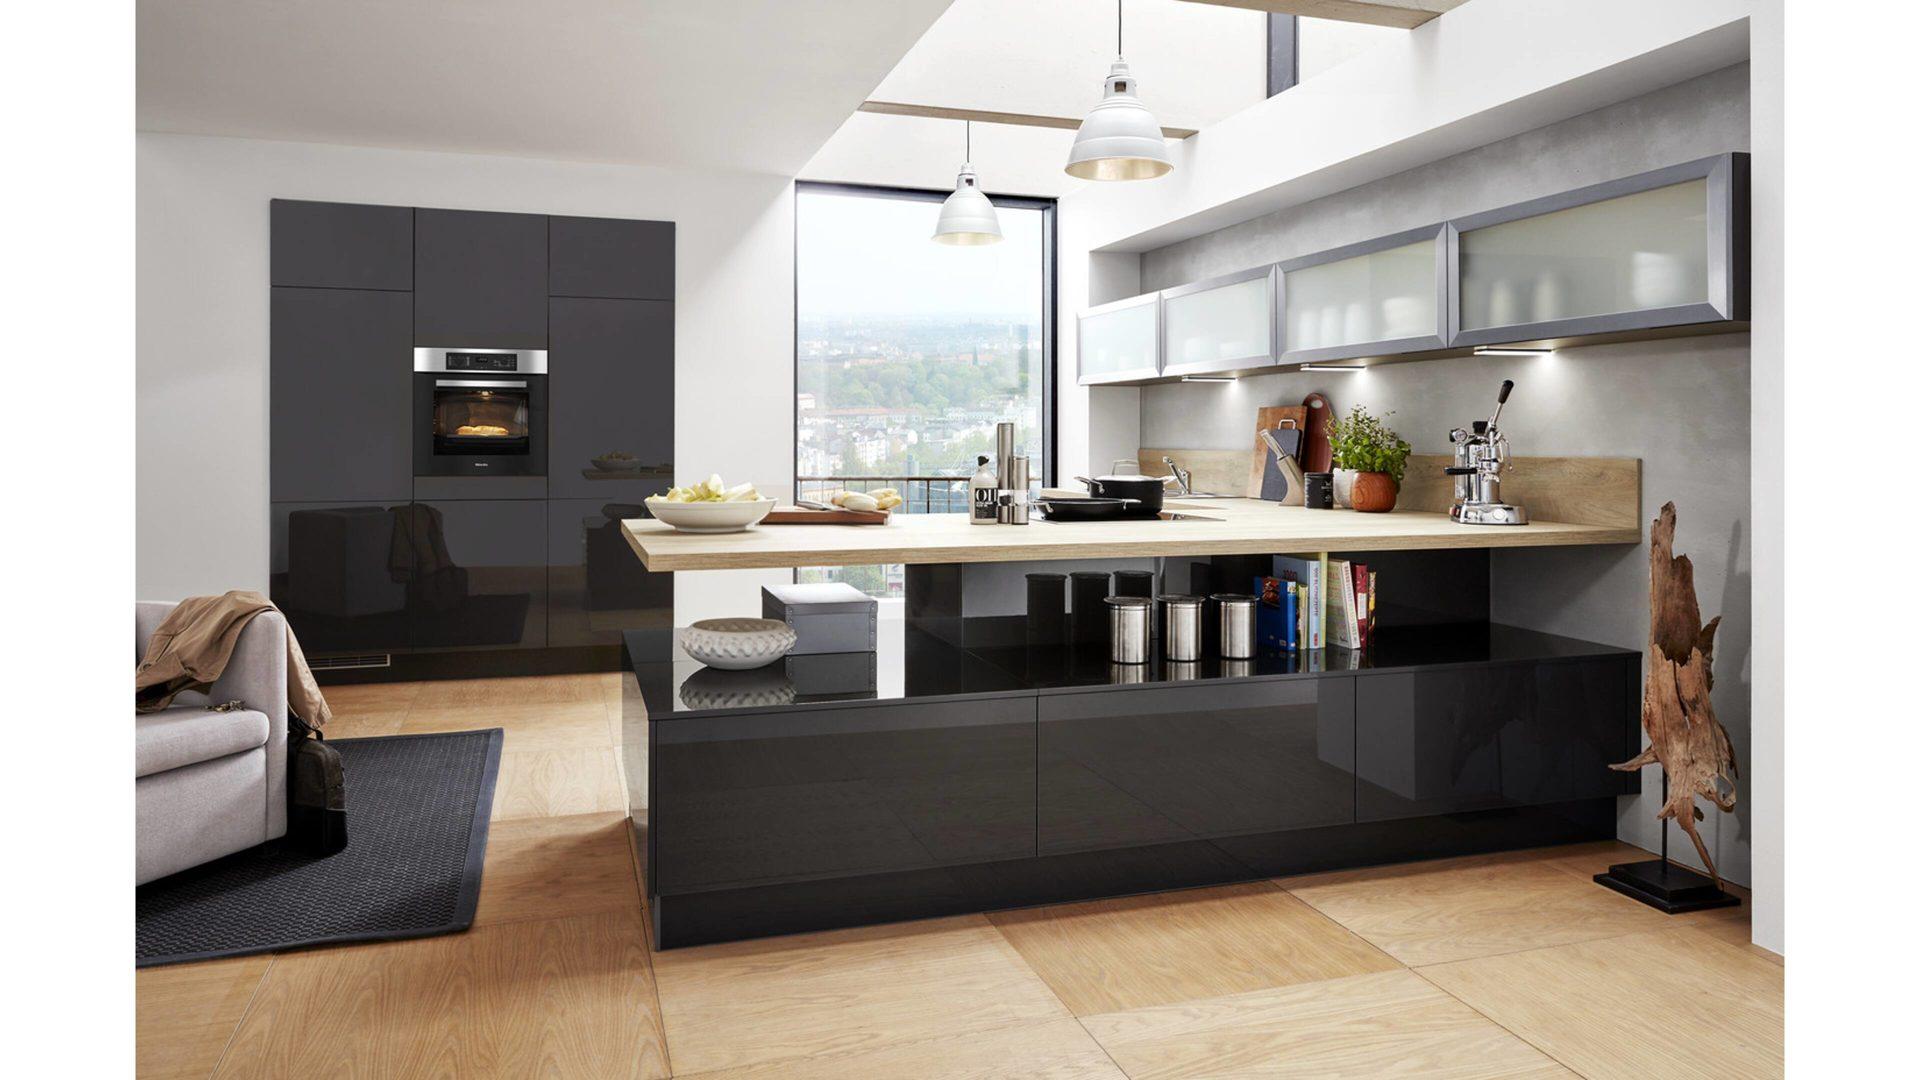 Einbauküche Brigitte Küchen Frickemeier | Culineo Aus Holz In Grau Culineo  Küche Mit MIELE Einbaugeräten Mahattangraue